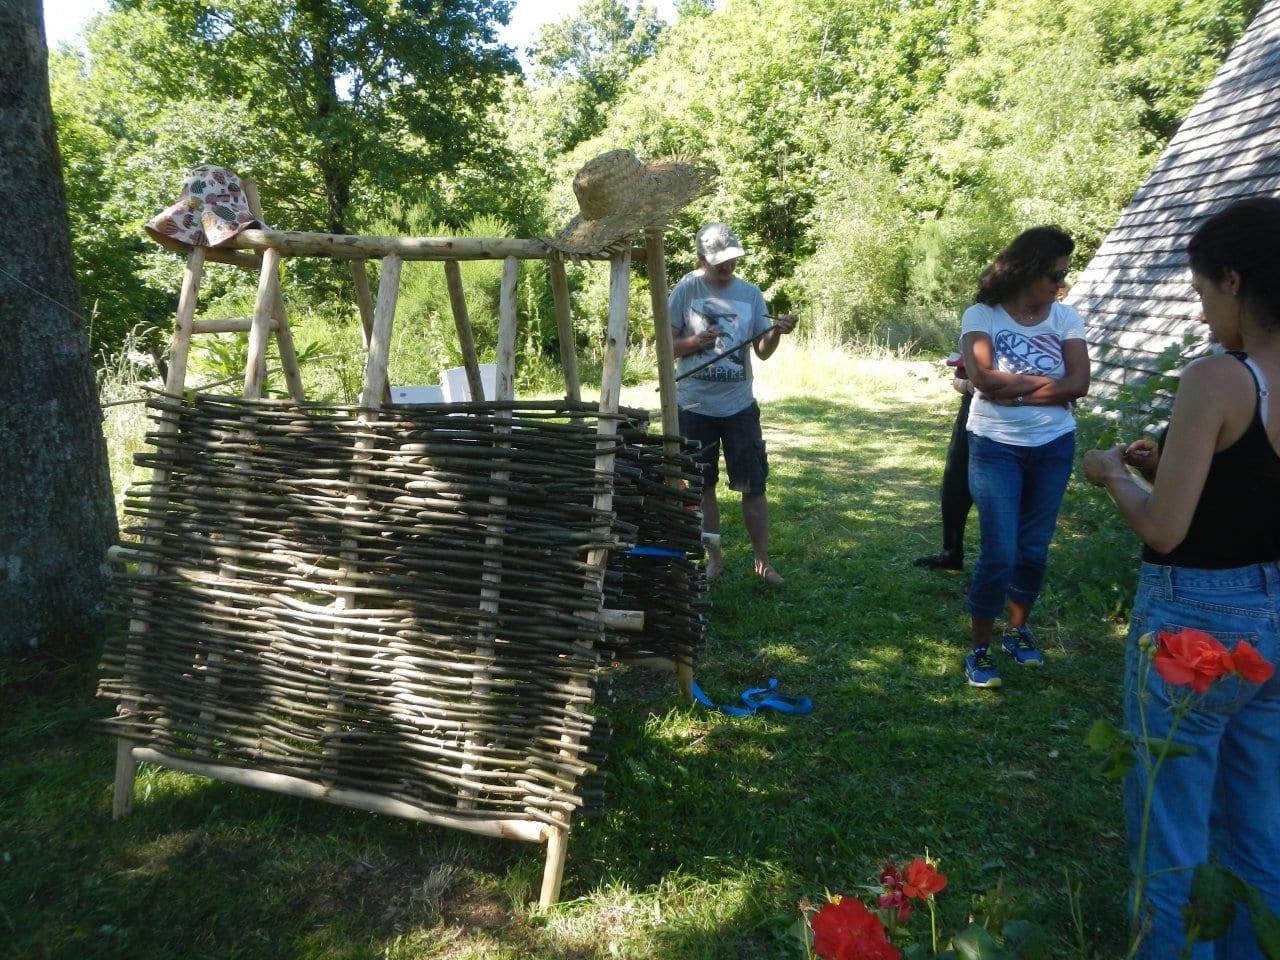 cours-certifie-de-design-en-permaculture-84h-24-